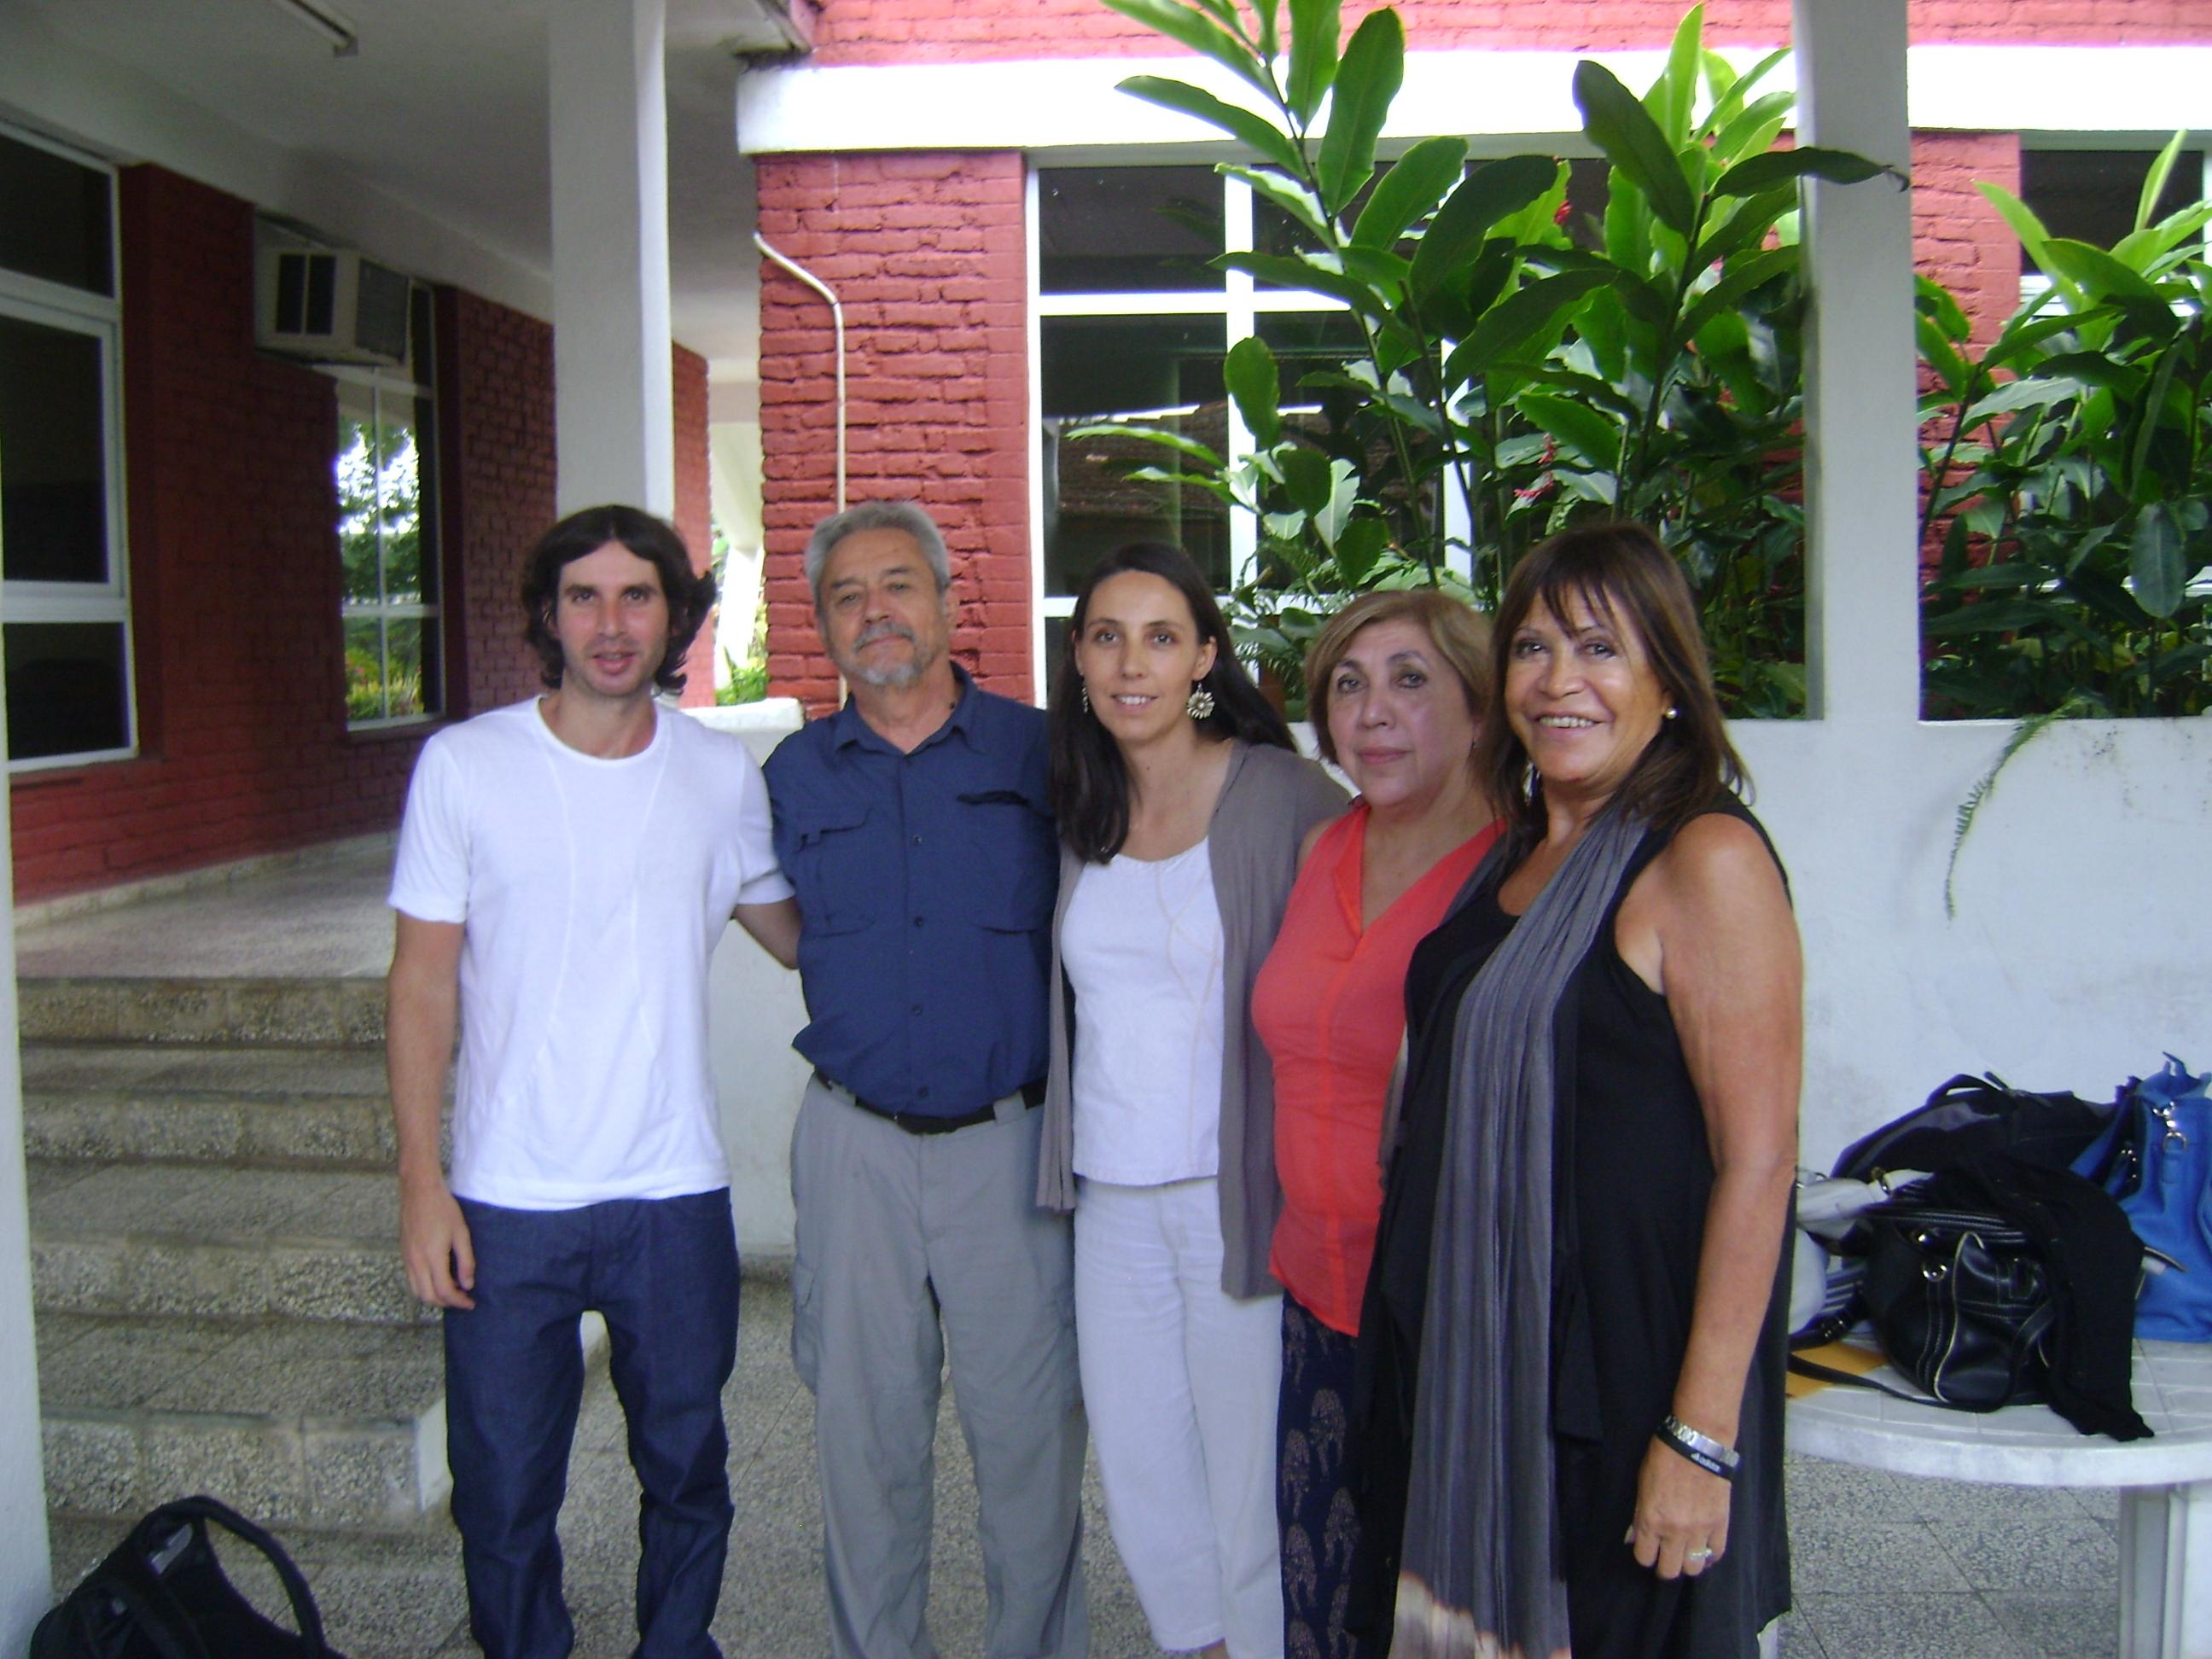 http://www.medicinayarte.com/img/poetas_de_la_salud_v2.JPG